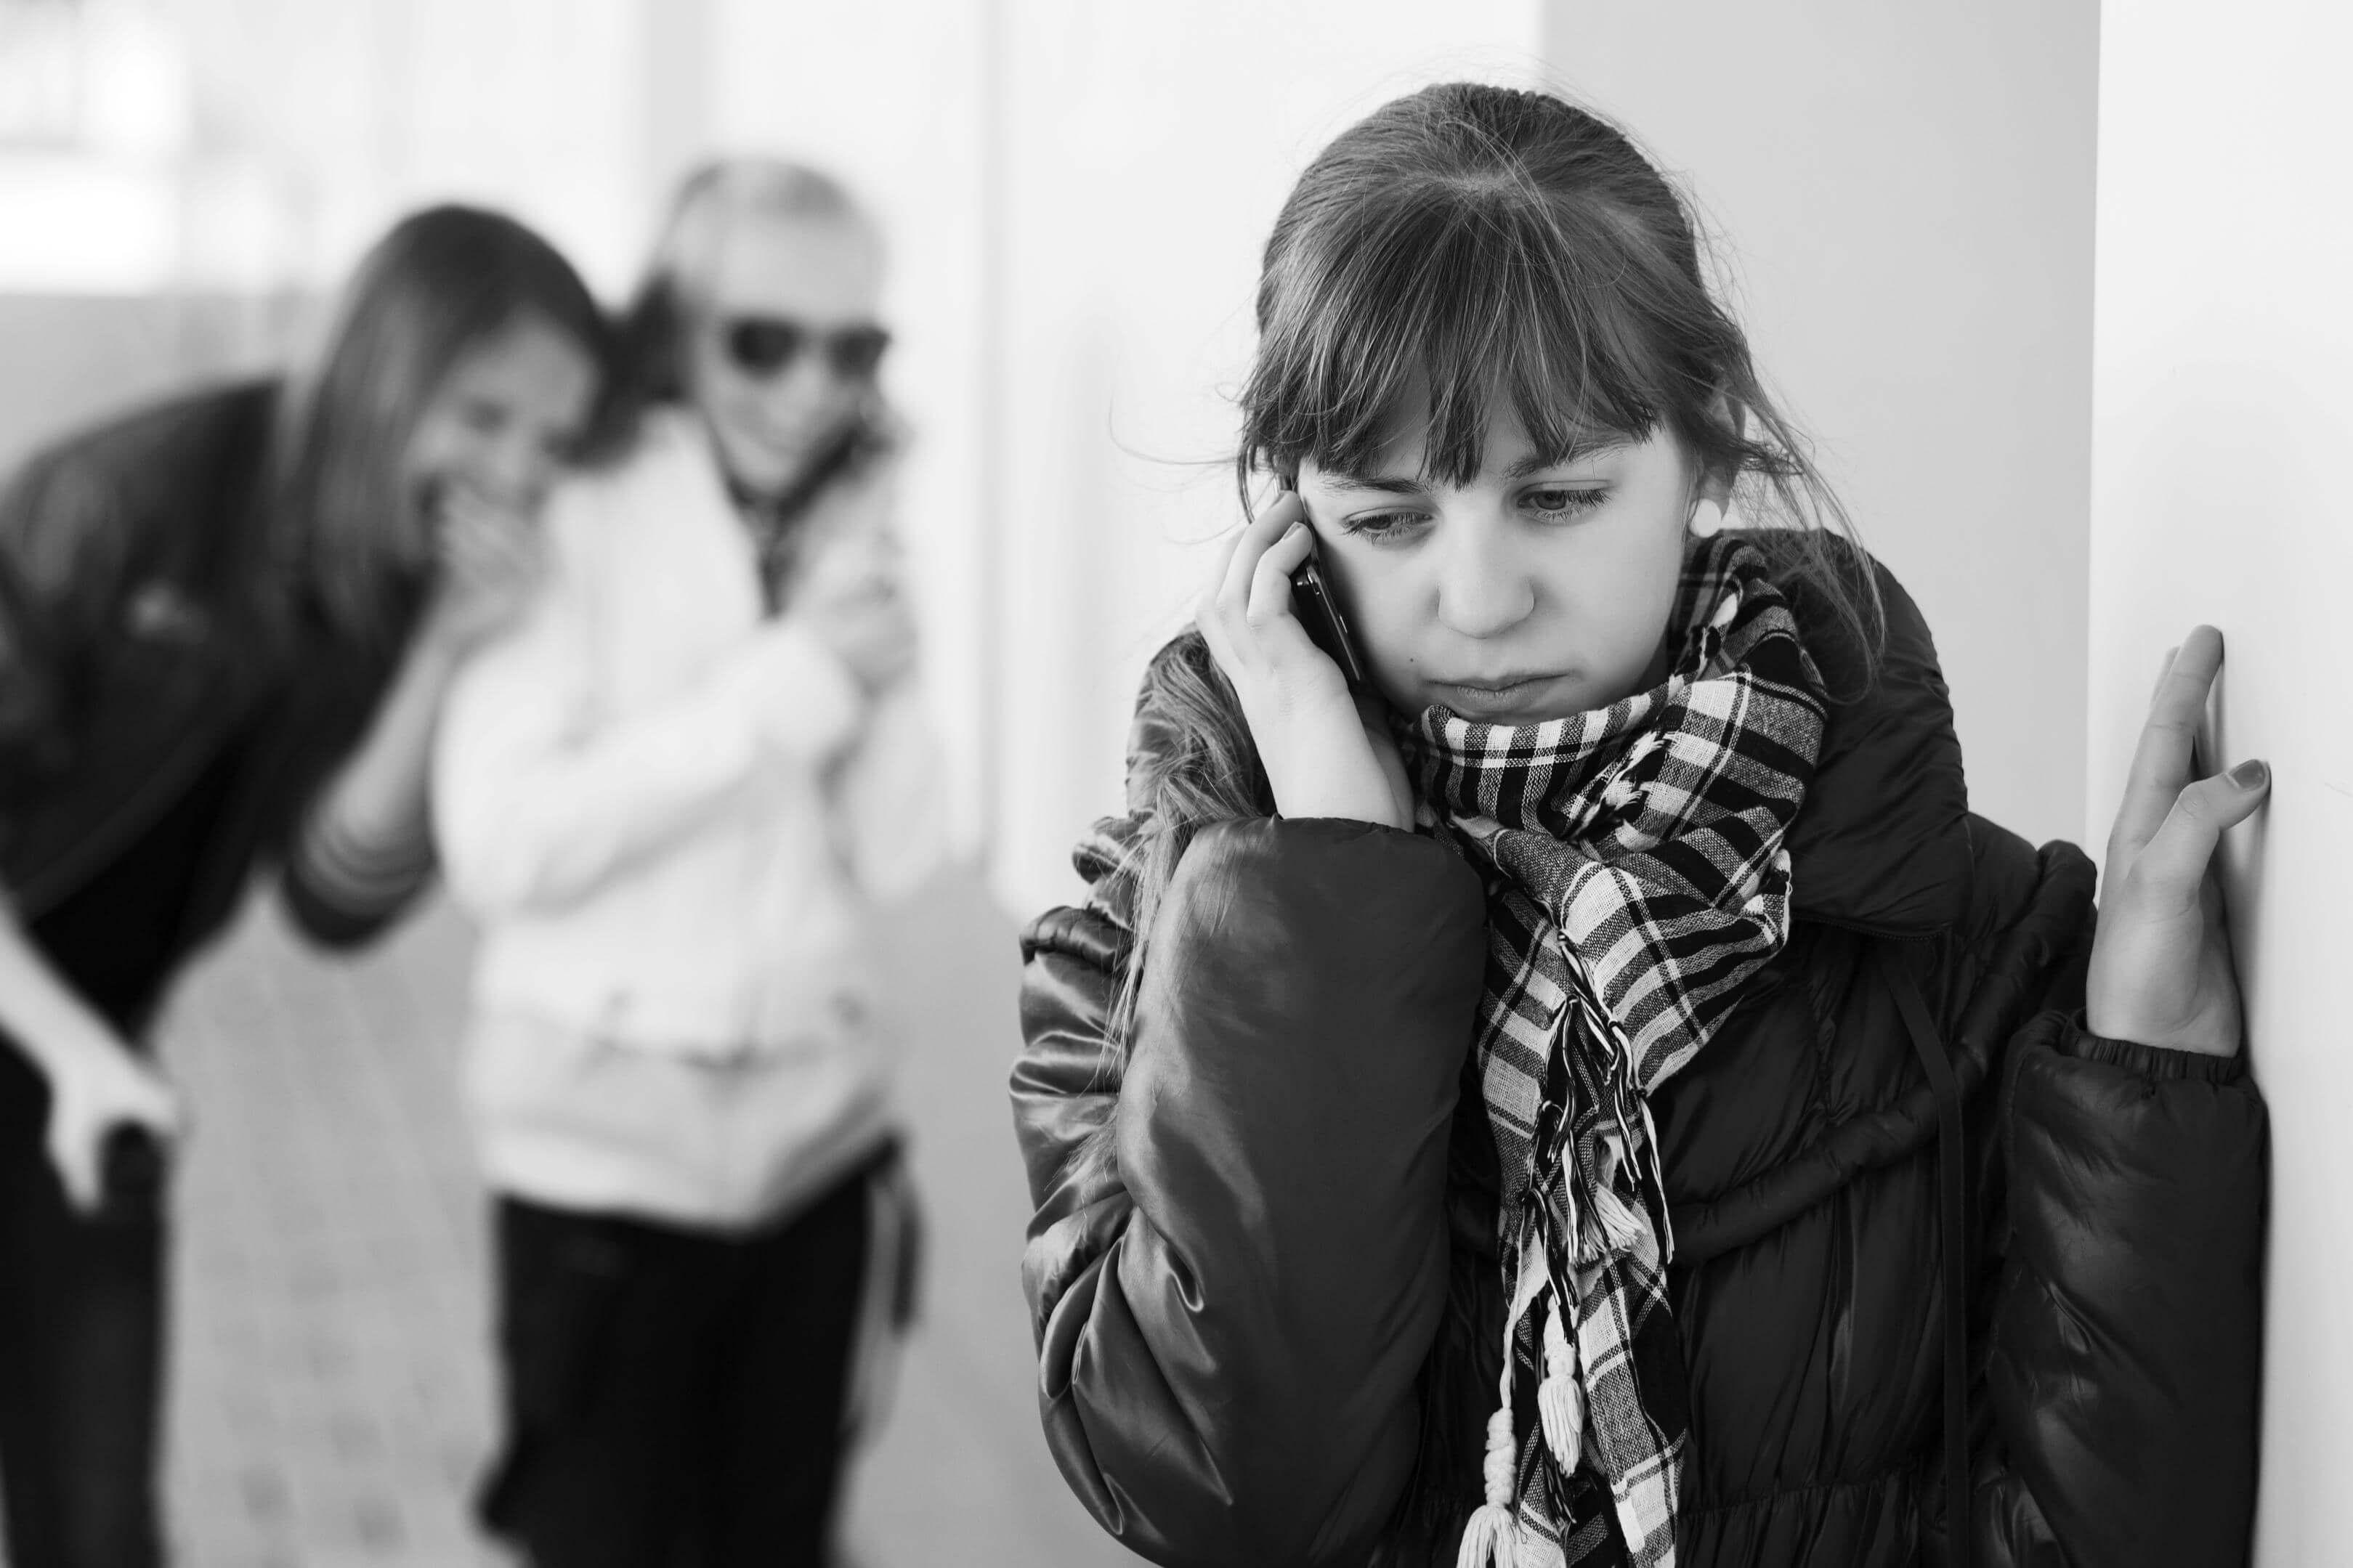 Quatro Sinais De Que Estamos Sendo Usados Por Um Amigo